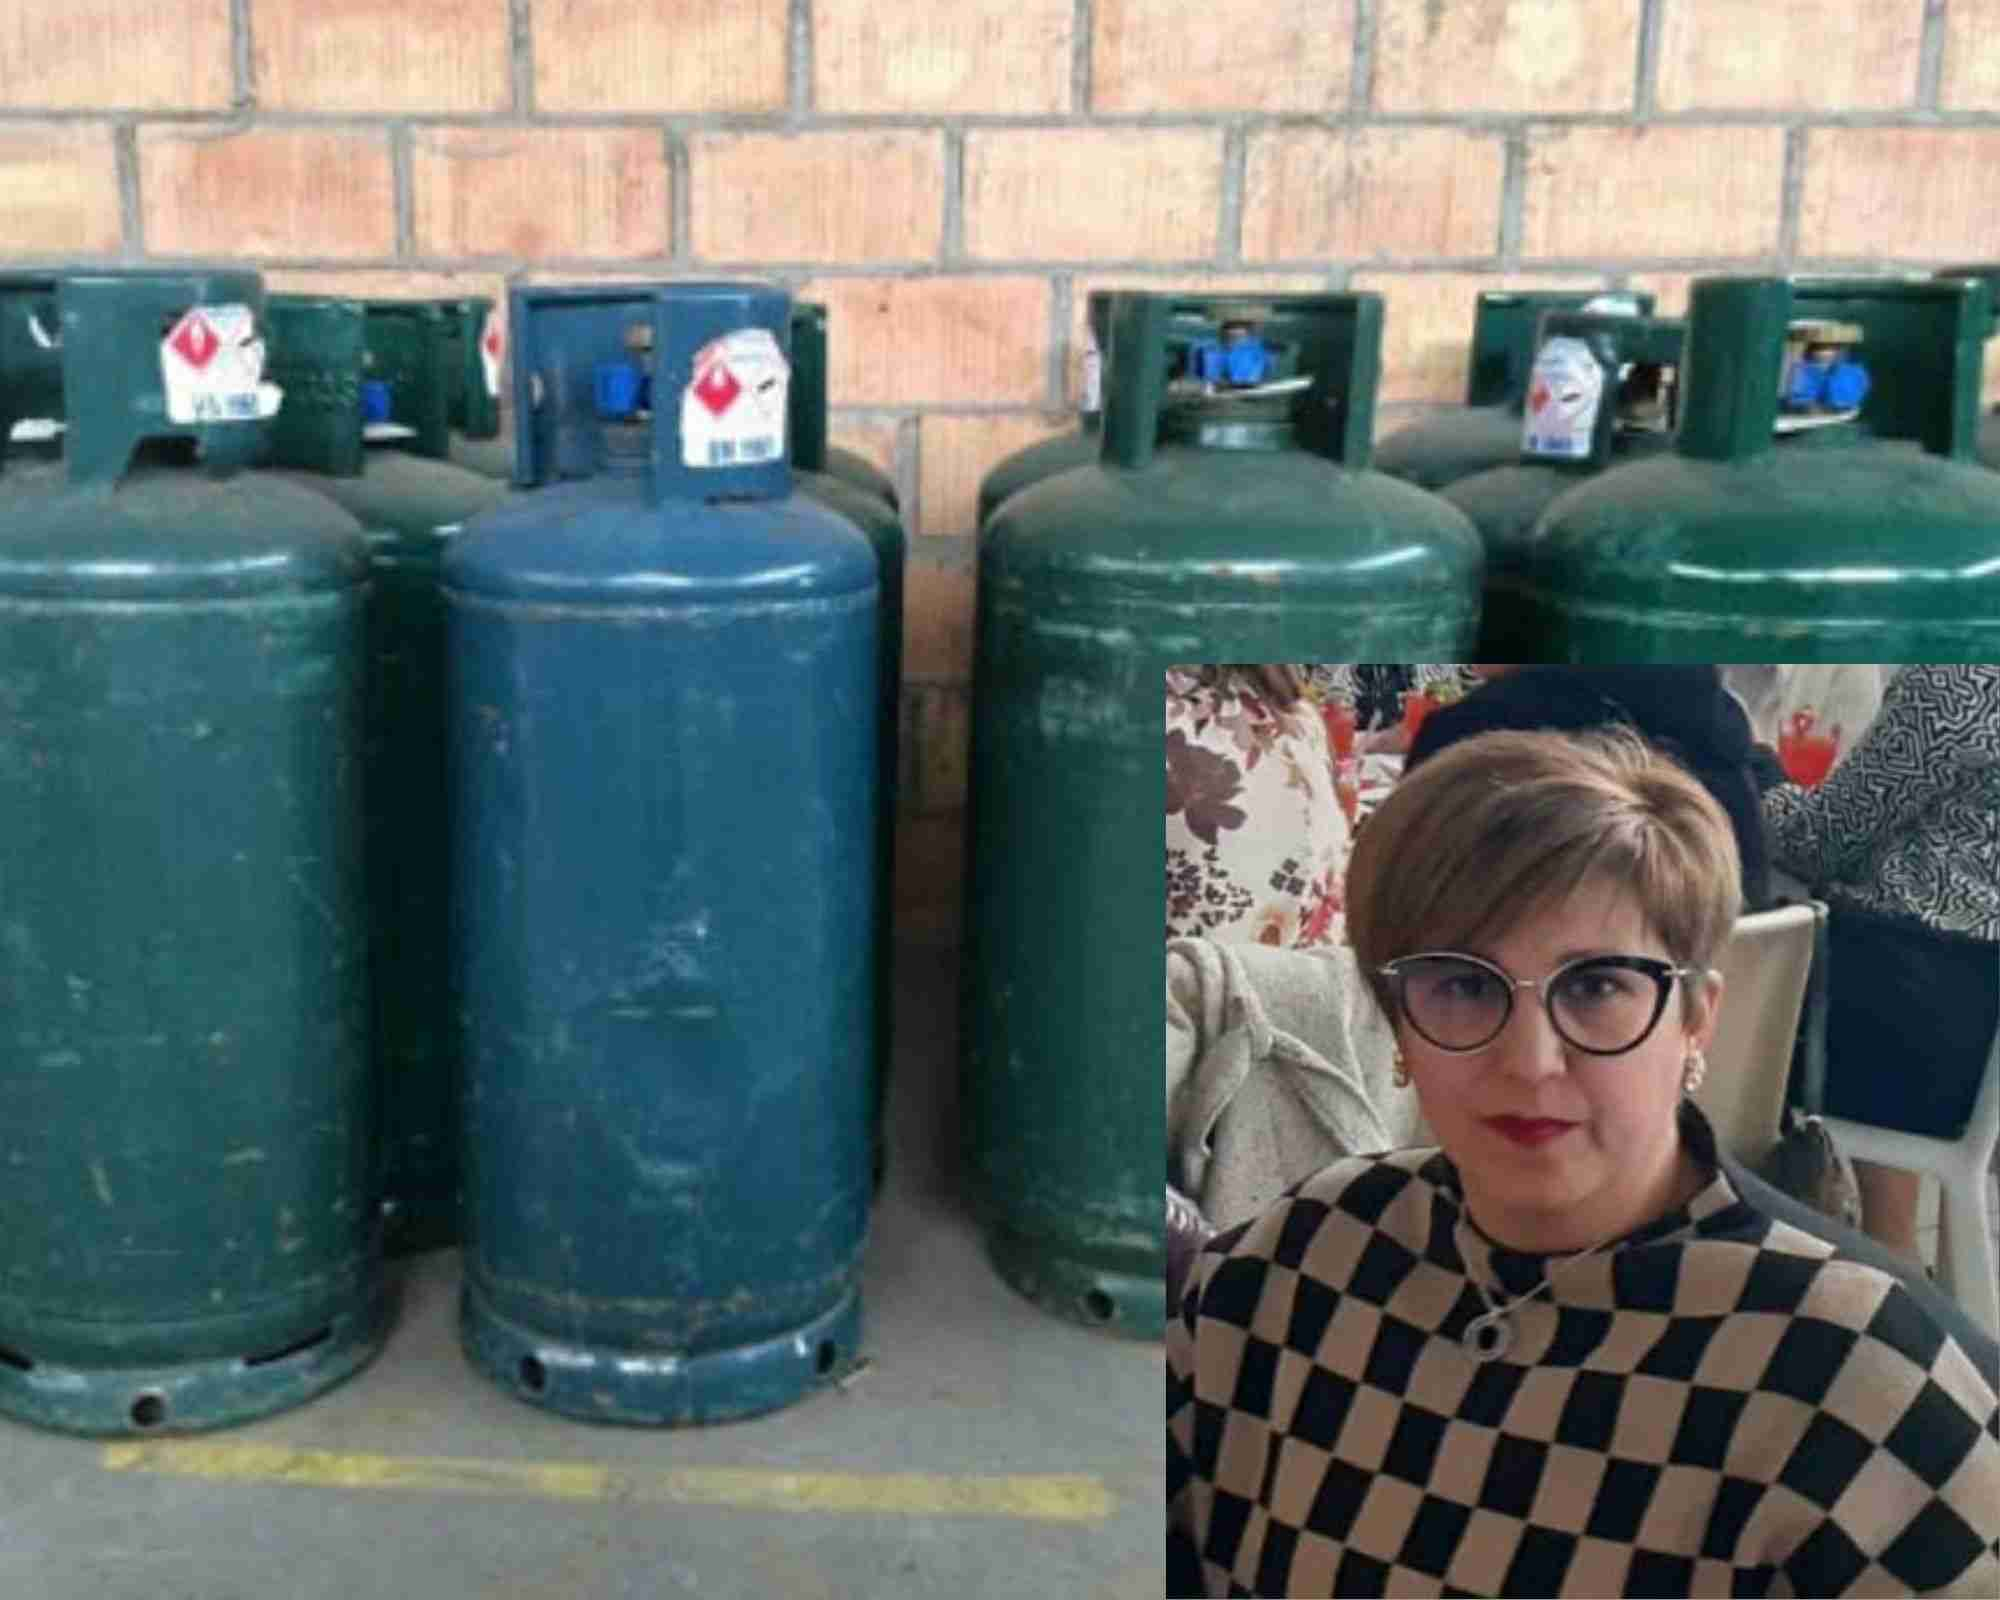 """Coronavirus e solidarietà: """"La PiemmeVi Costruzioni"""" dona 40 bombole da cucina alle 4 parrocchie cittadine"""""""